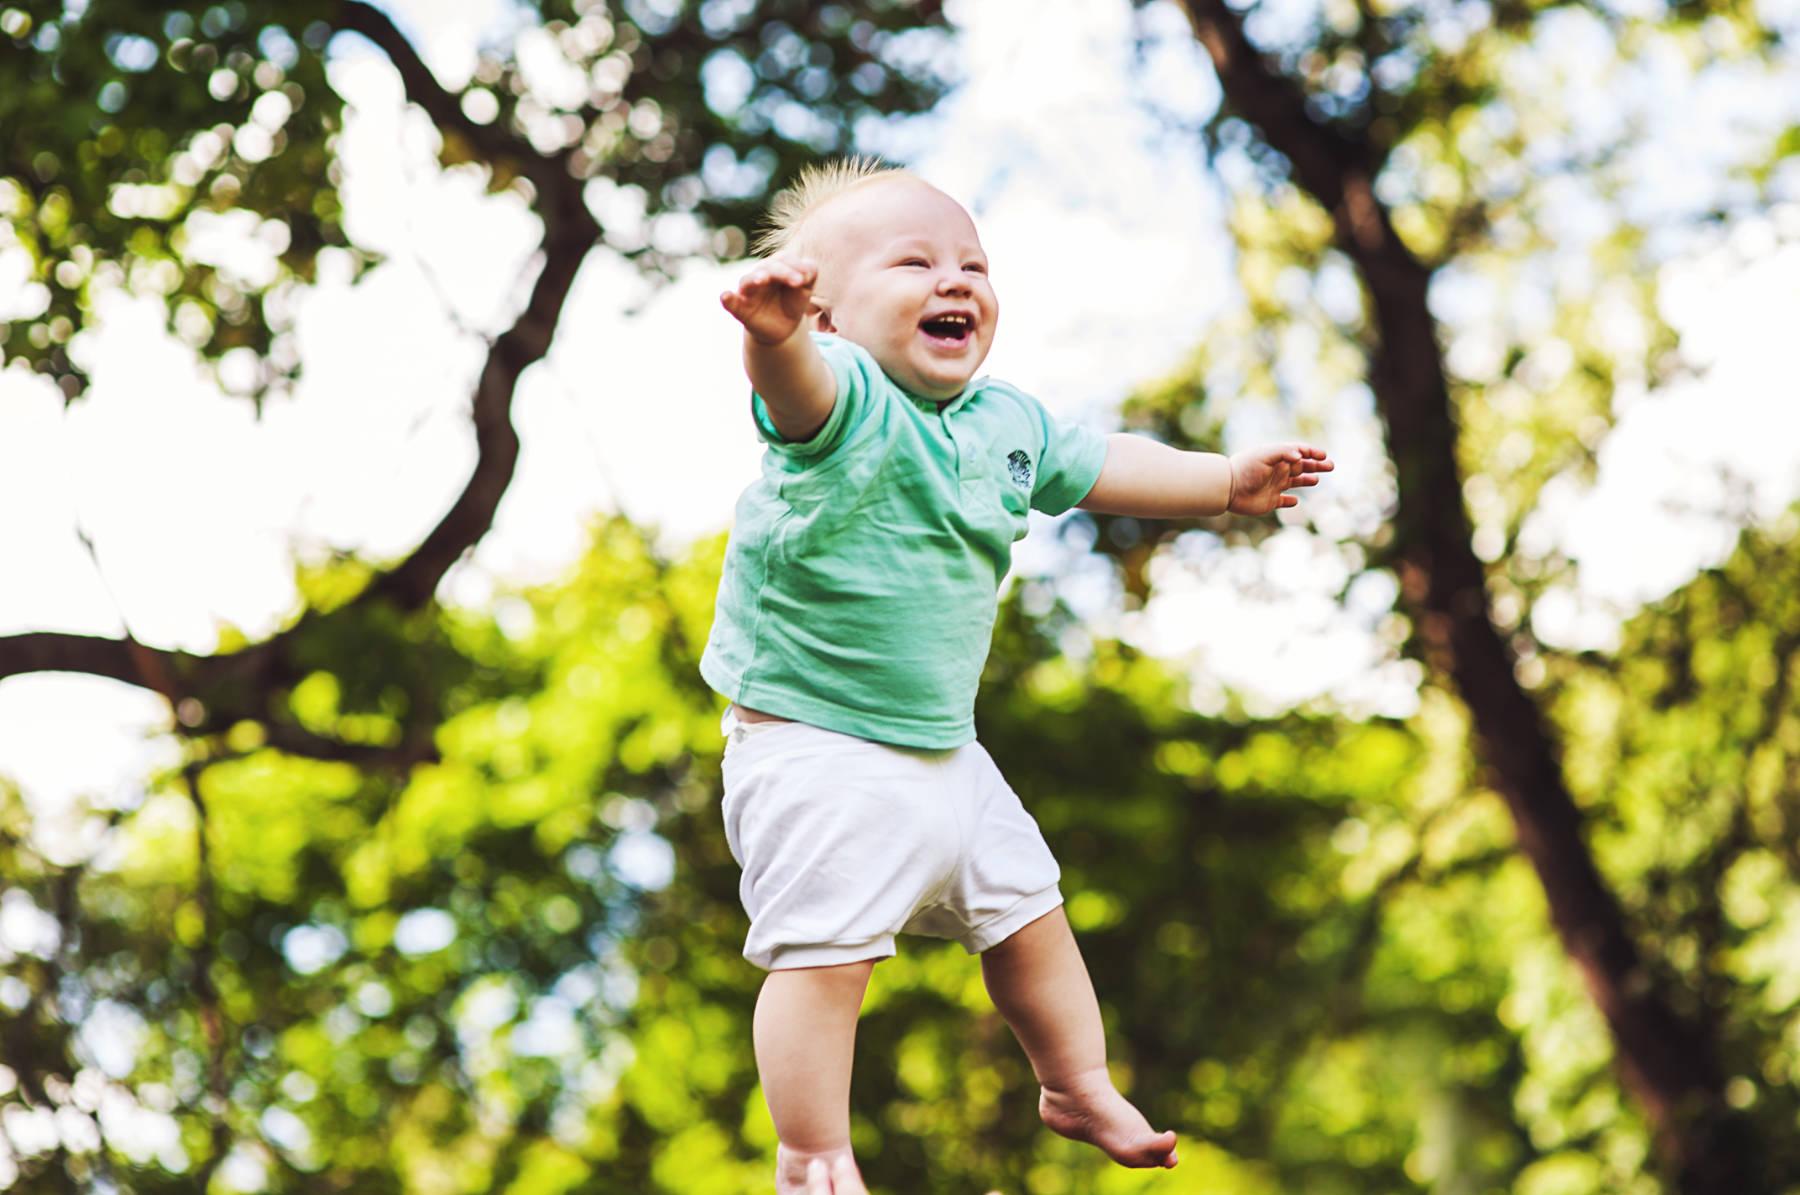 Les bébés sont capables d'apprendre la valeur de l'effort